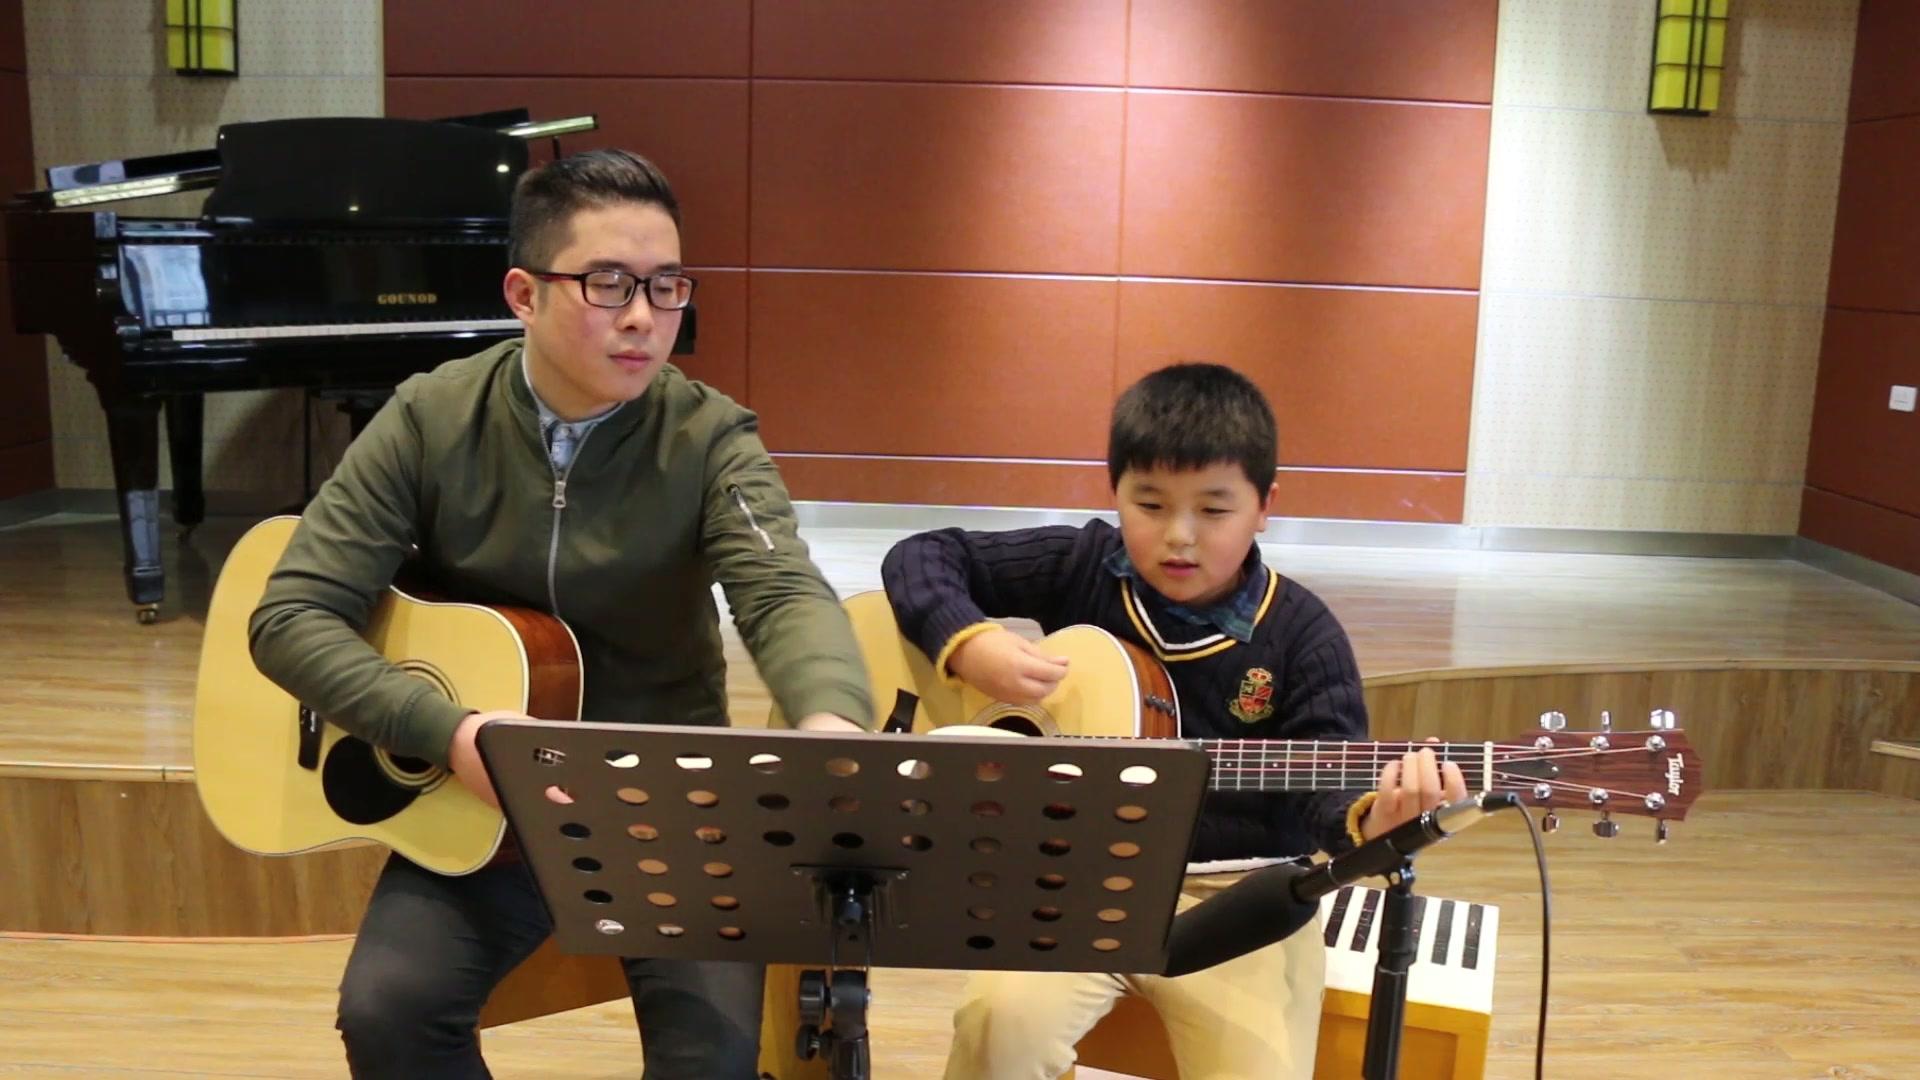 小吉他教程_吉他入門指法圖解_學習吉他入門指法_吉他新手入門教程